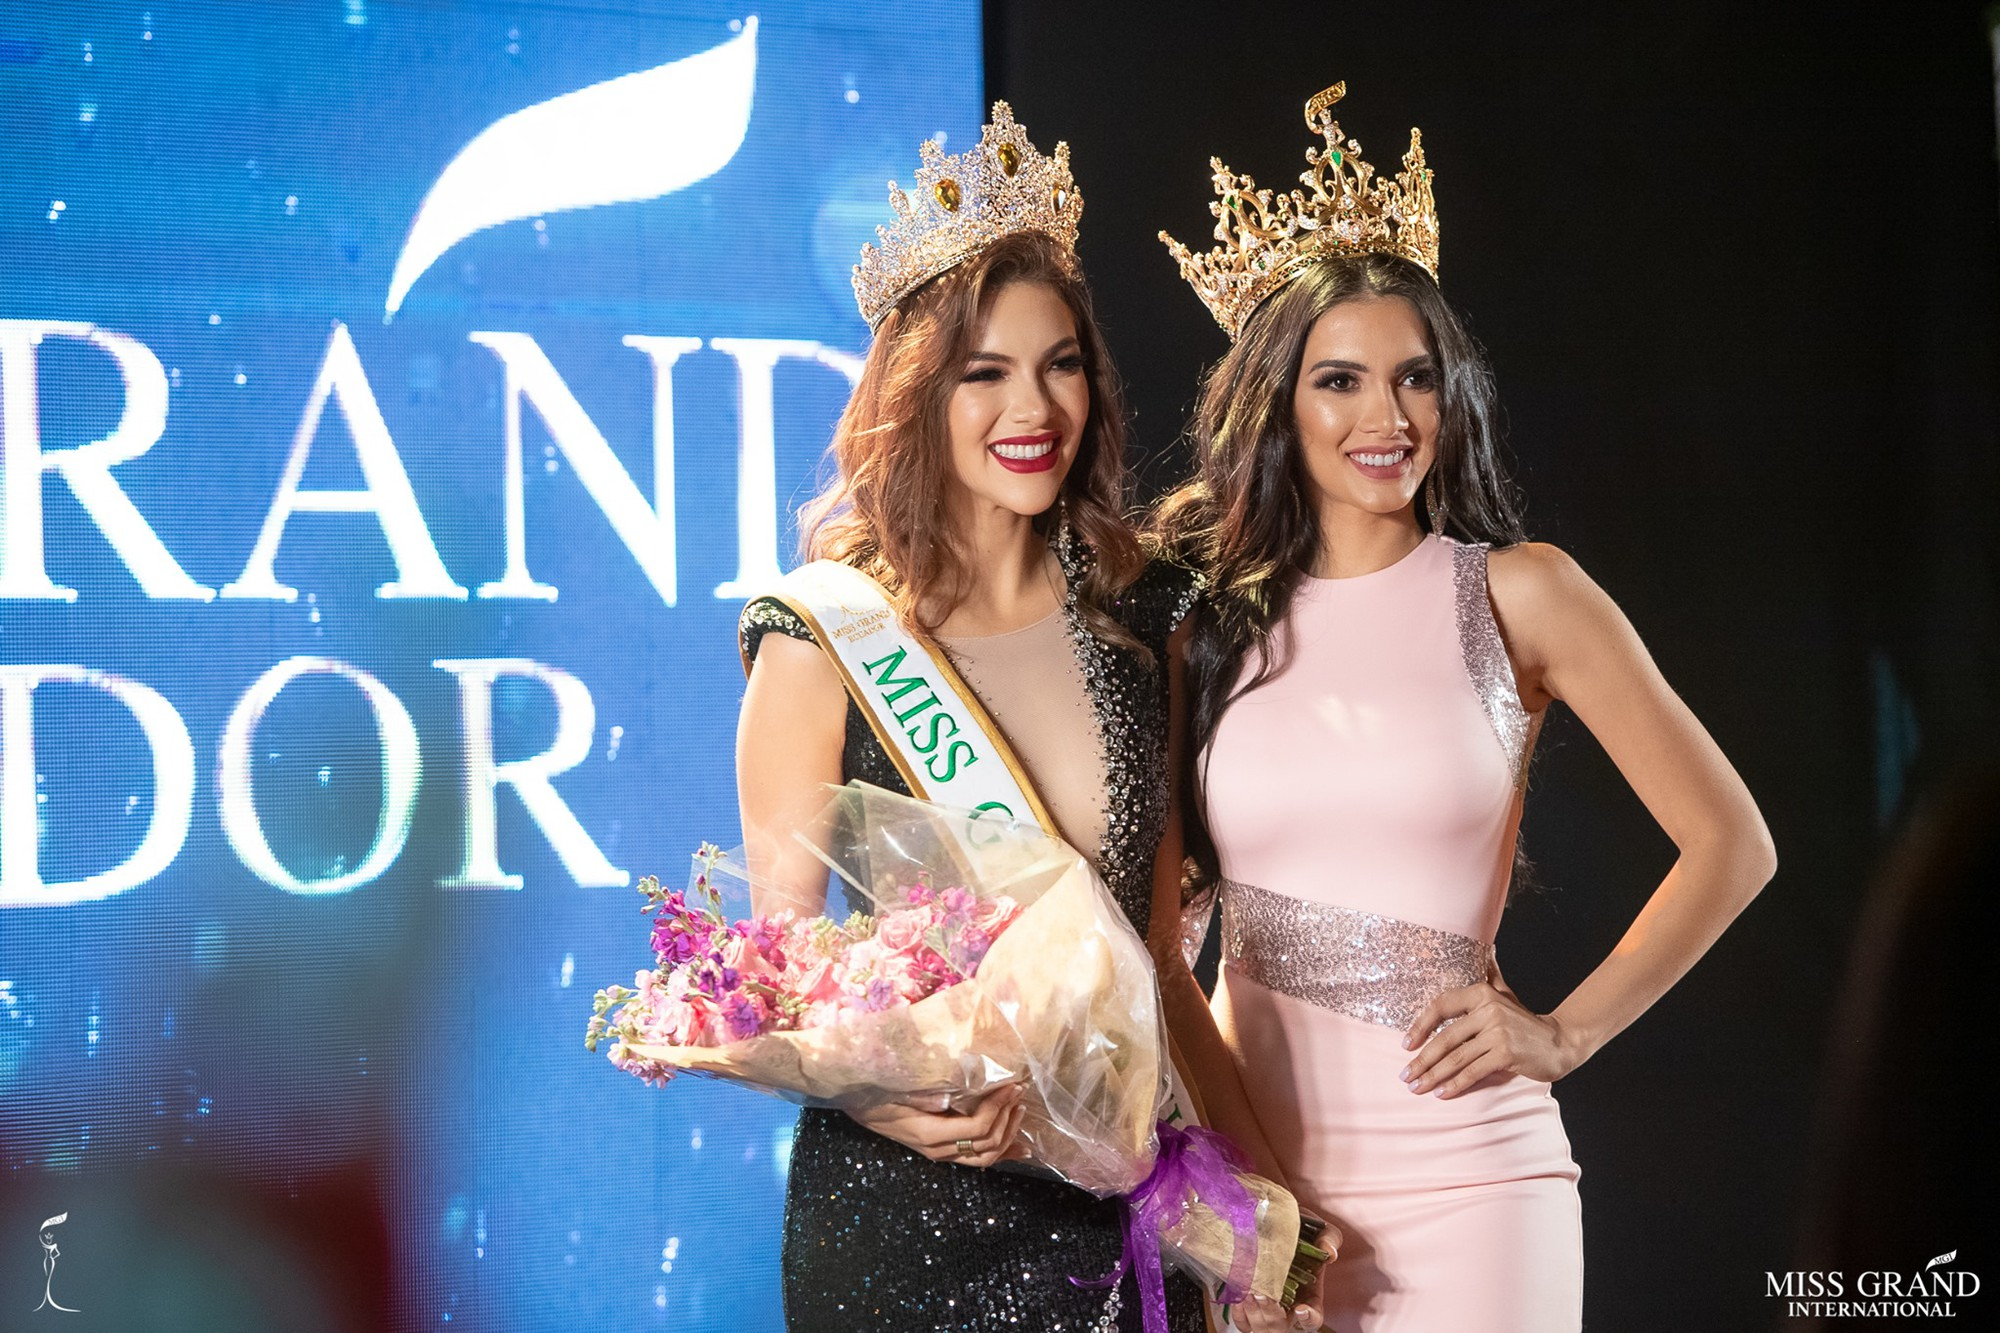 Nhan sắc rực rỡ của Hoa hậu Hòa bình Ecuador 2019  - Ảnh 3.